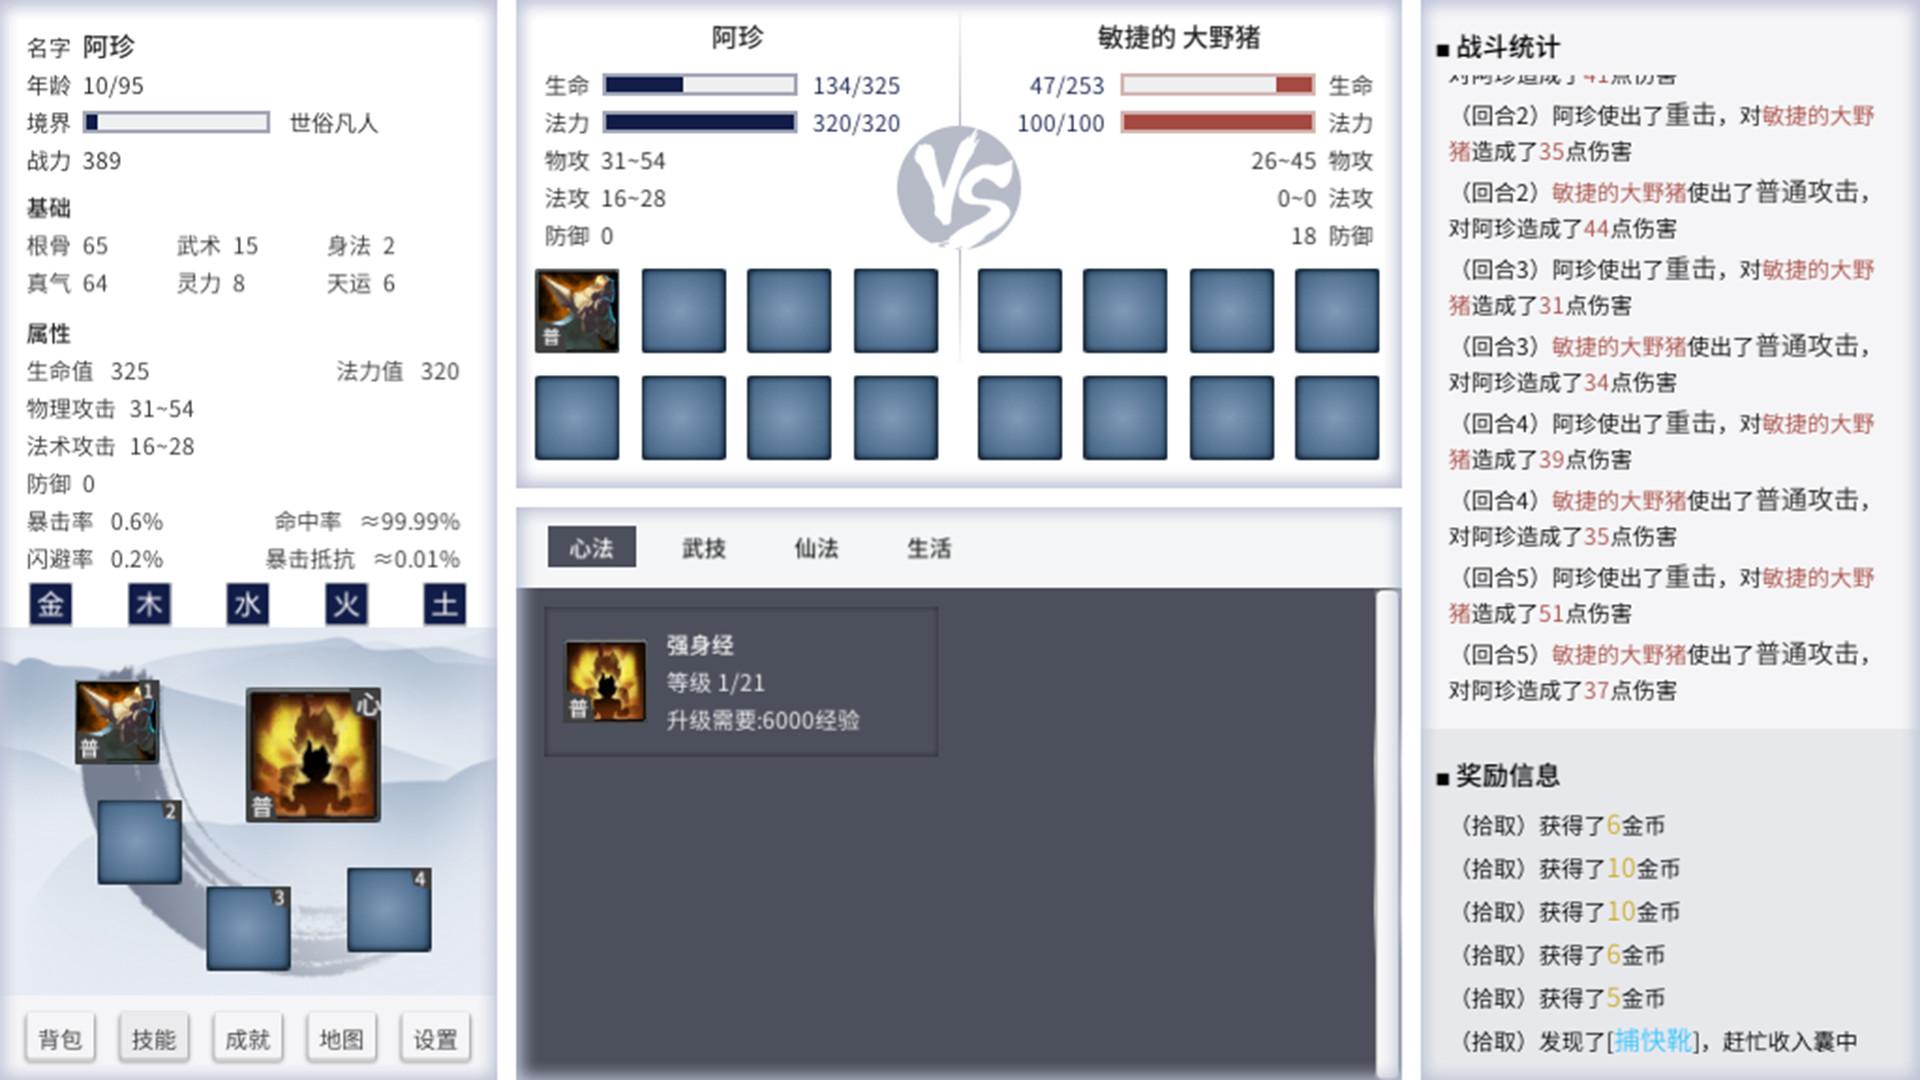 从前有个仙儿 v1.07.1268|放置策略|容量194MB|免安装绿色中文版|支持键盘.鼠标-开心电玩屋